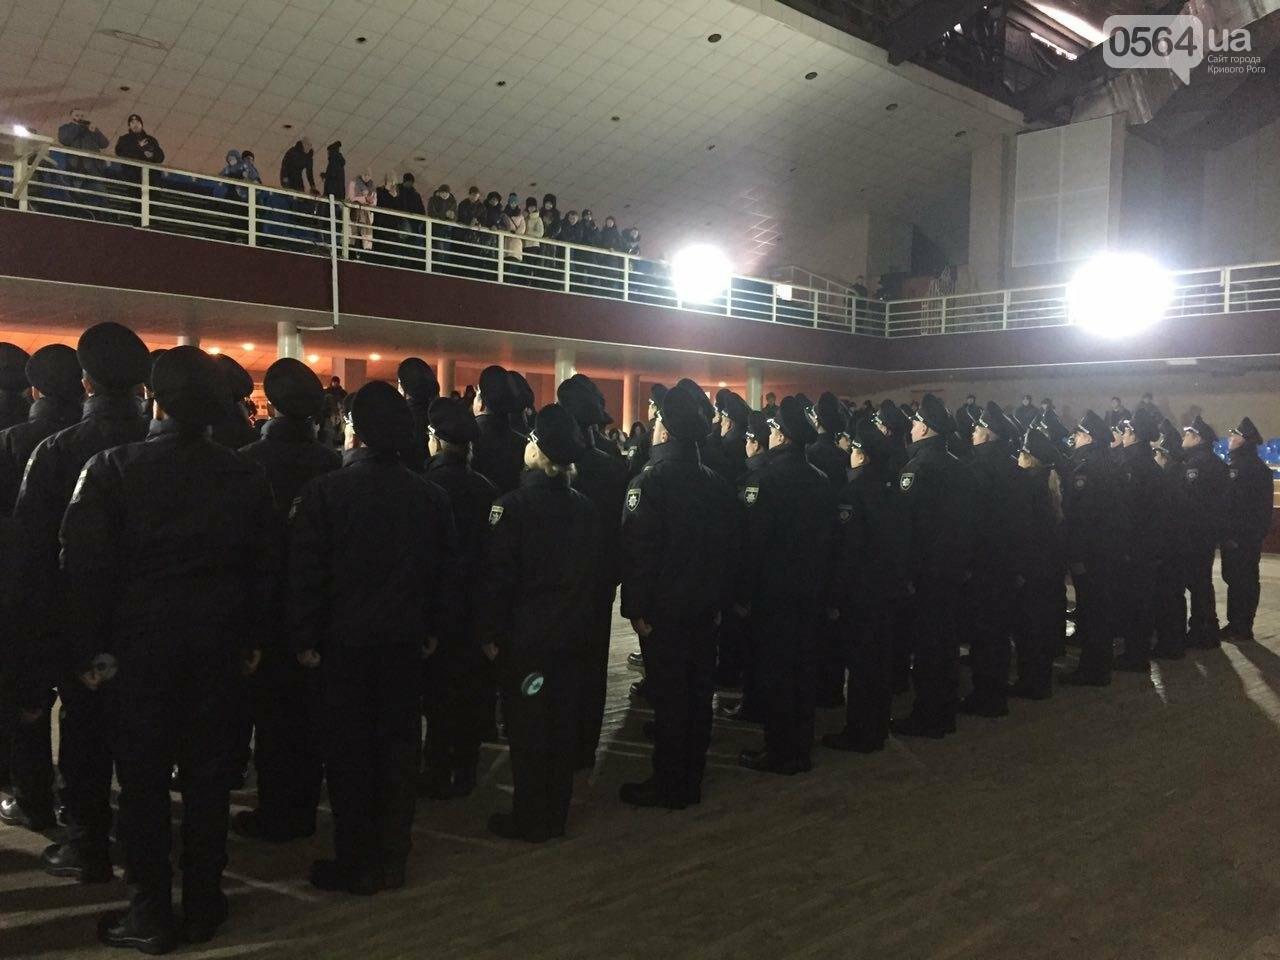 В криворожской полицейской семье пополнение -  65 человек присягнули на верность украинскому народу (ФОТО), фото-1